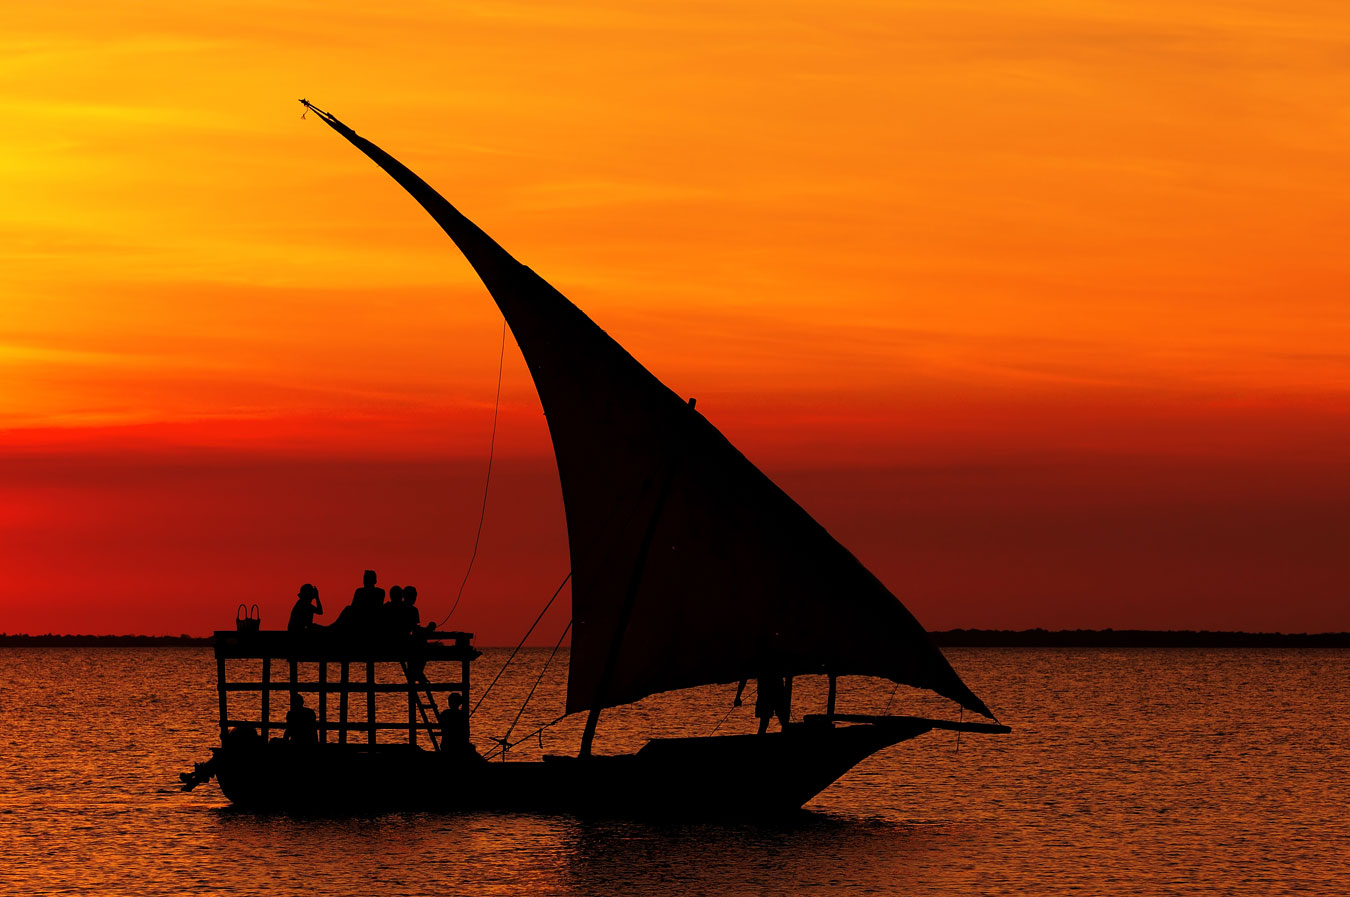 sunset cruise in zanzibar from the Z hotel